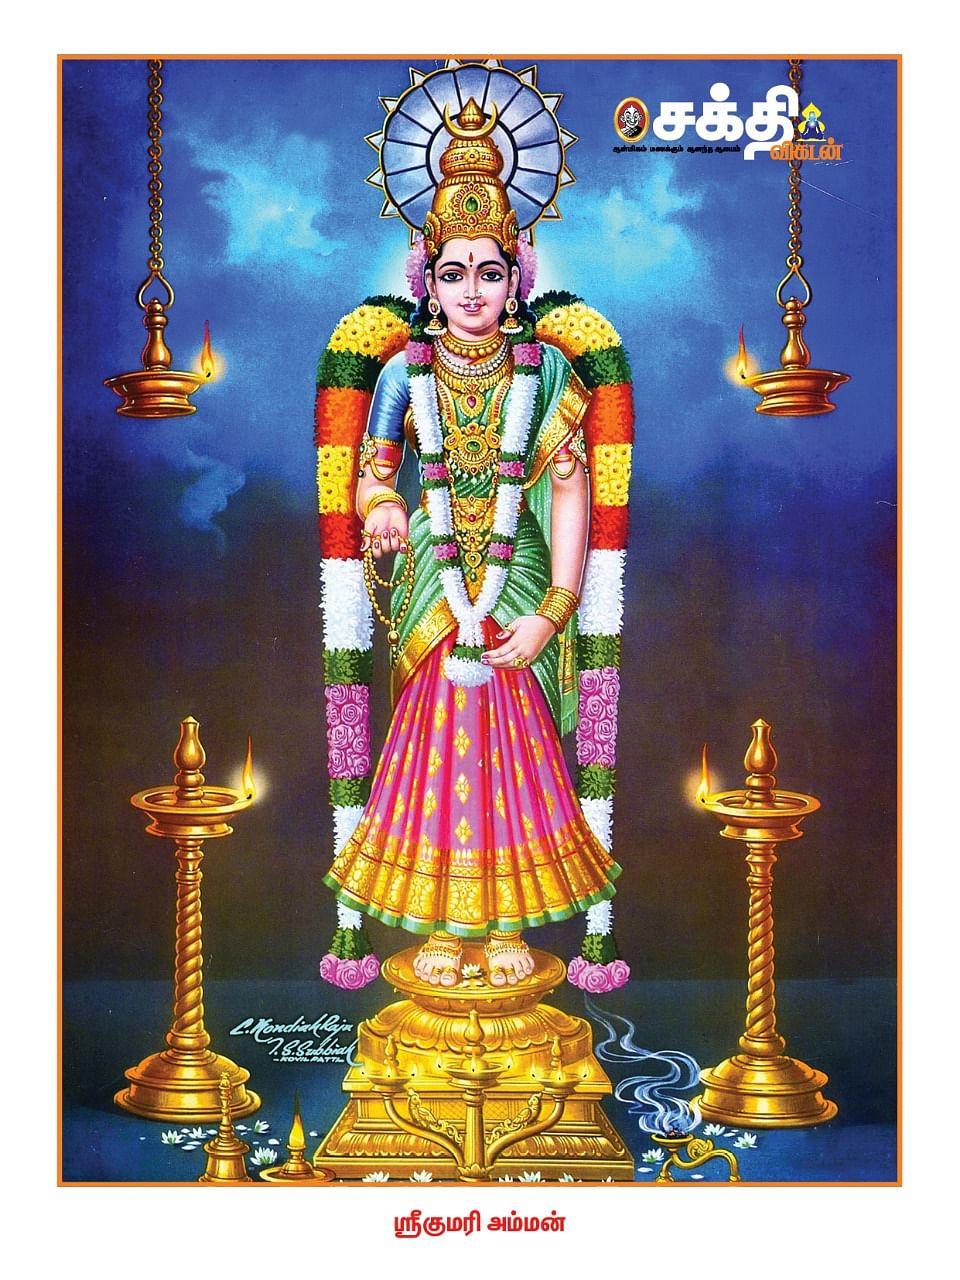 கன்னியாகுமரி அம்மன்